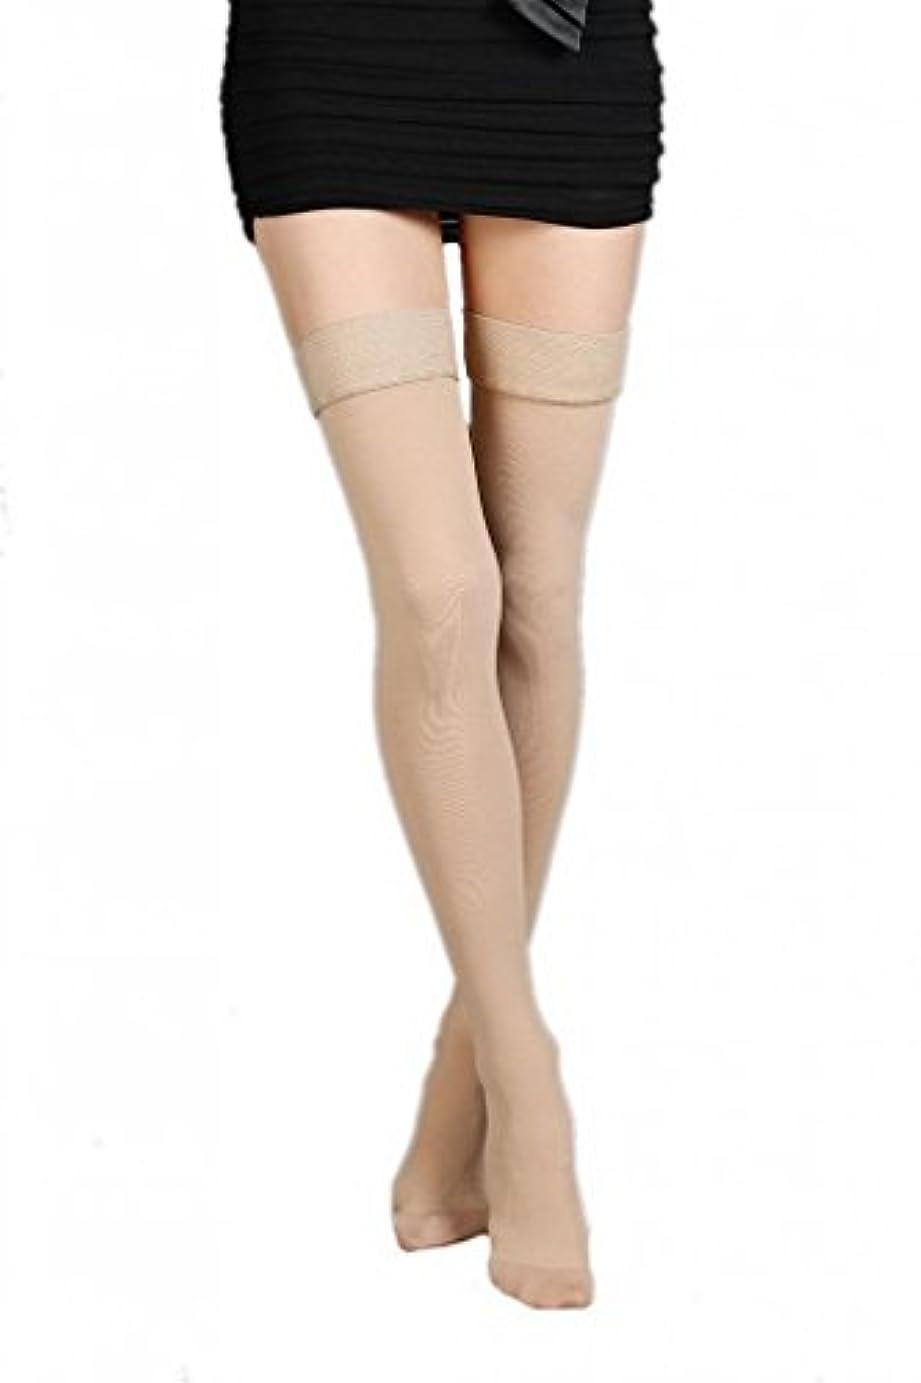 スカウト重要な(ラボーグ)La Vogue 美脚 着圧オーバーニーソックス ハイソックス 靴下 弾性ストッキング つま先あり着圧ソックス